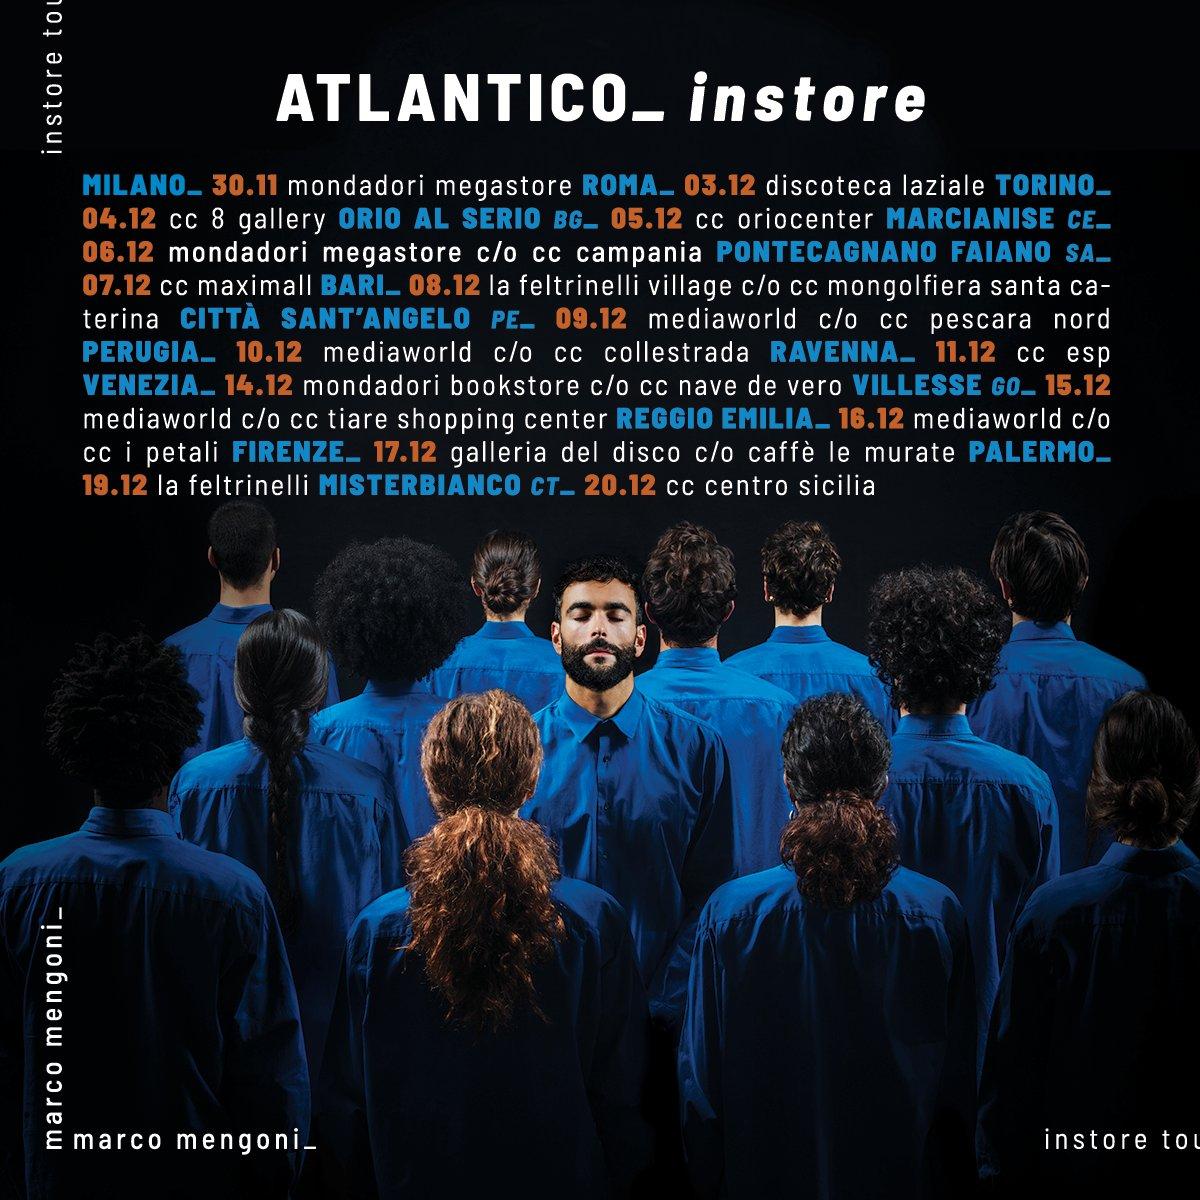 Atlantico instore